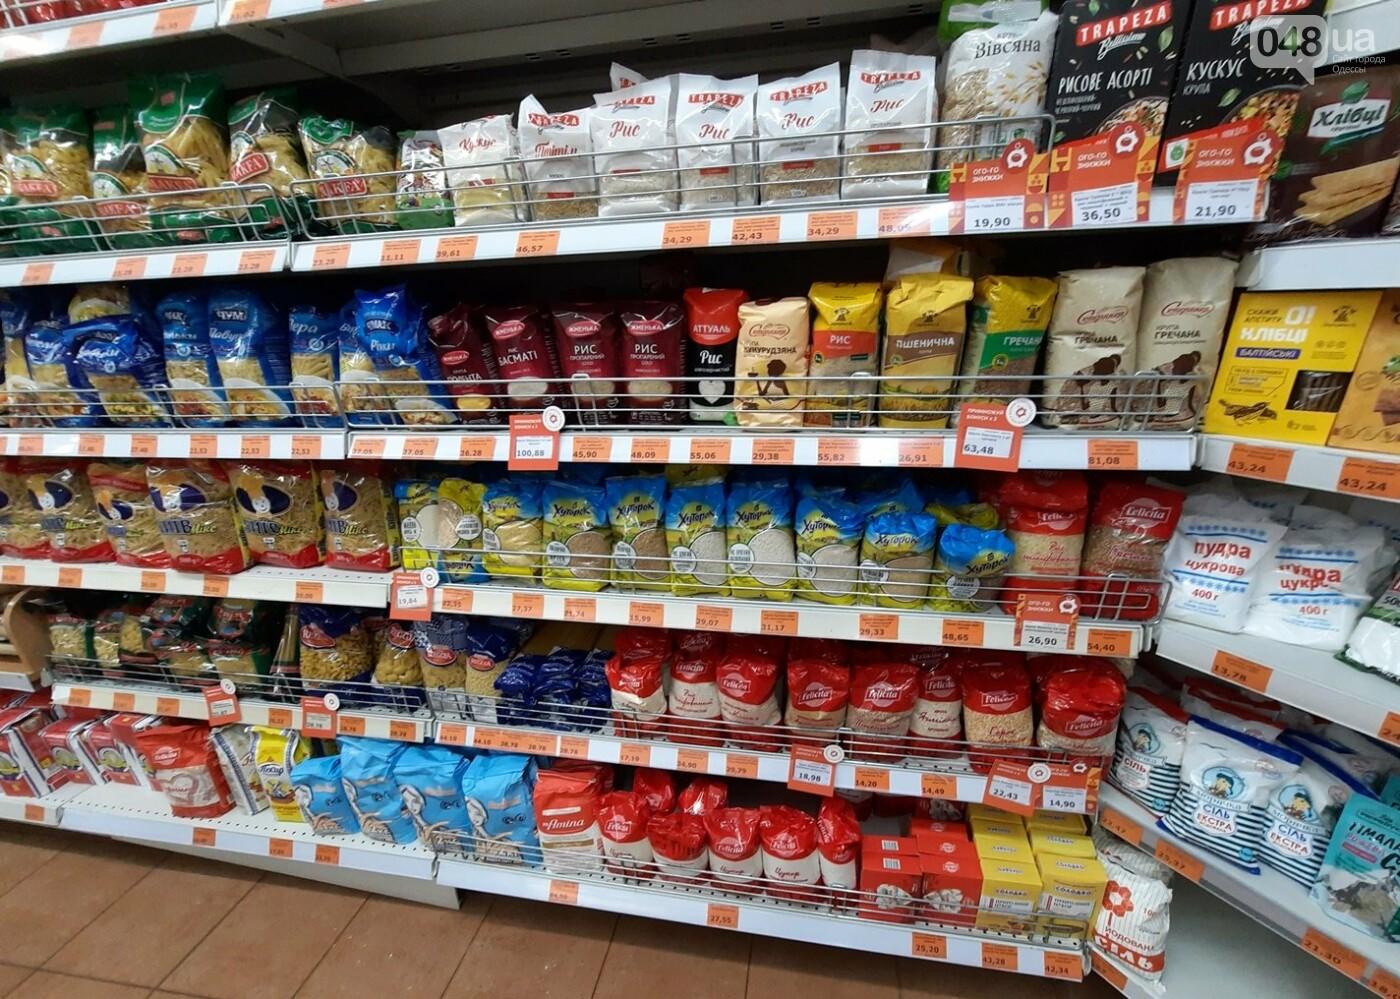 Чечевица, булгур и рис: как не переплачивать за покупки в супермаркетах Одессы, - ФОТО, фото-5